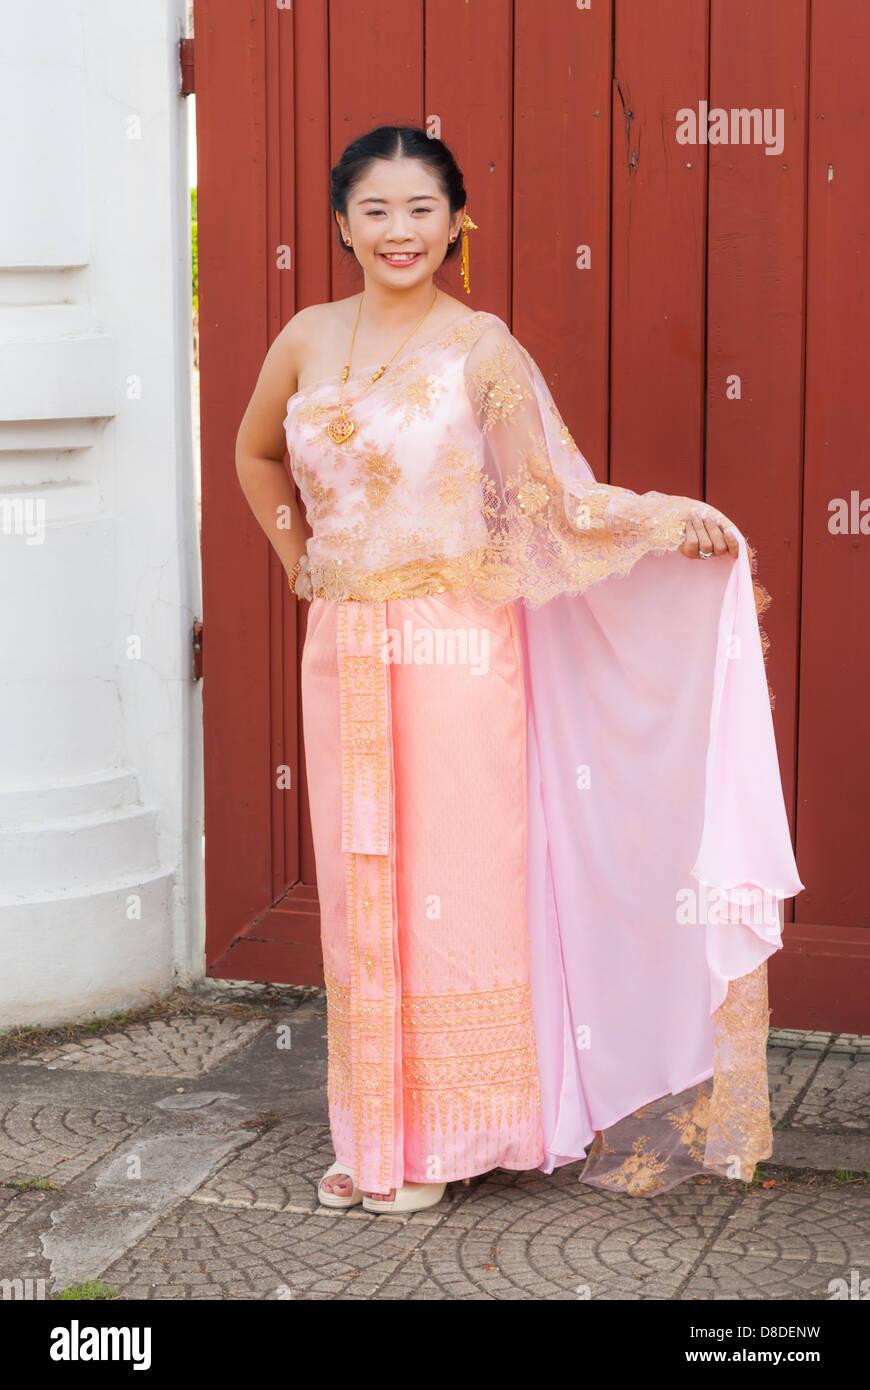 Vistoso Vestido De Novia Tailandesa Galería - Ideas de Estilos de ...